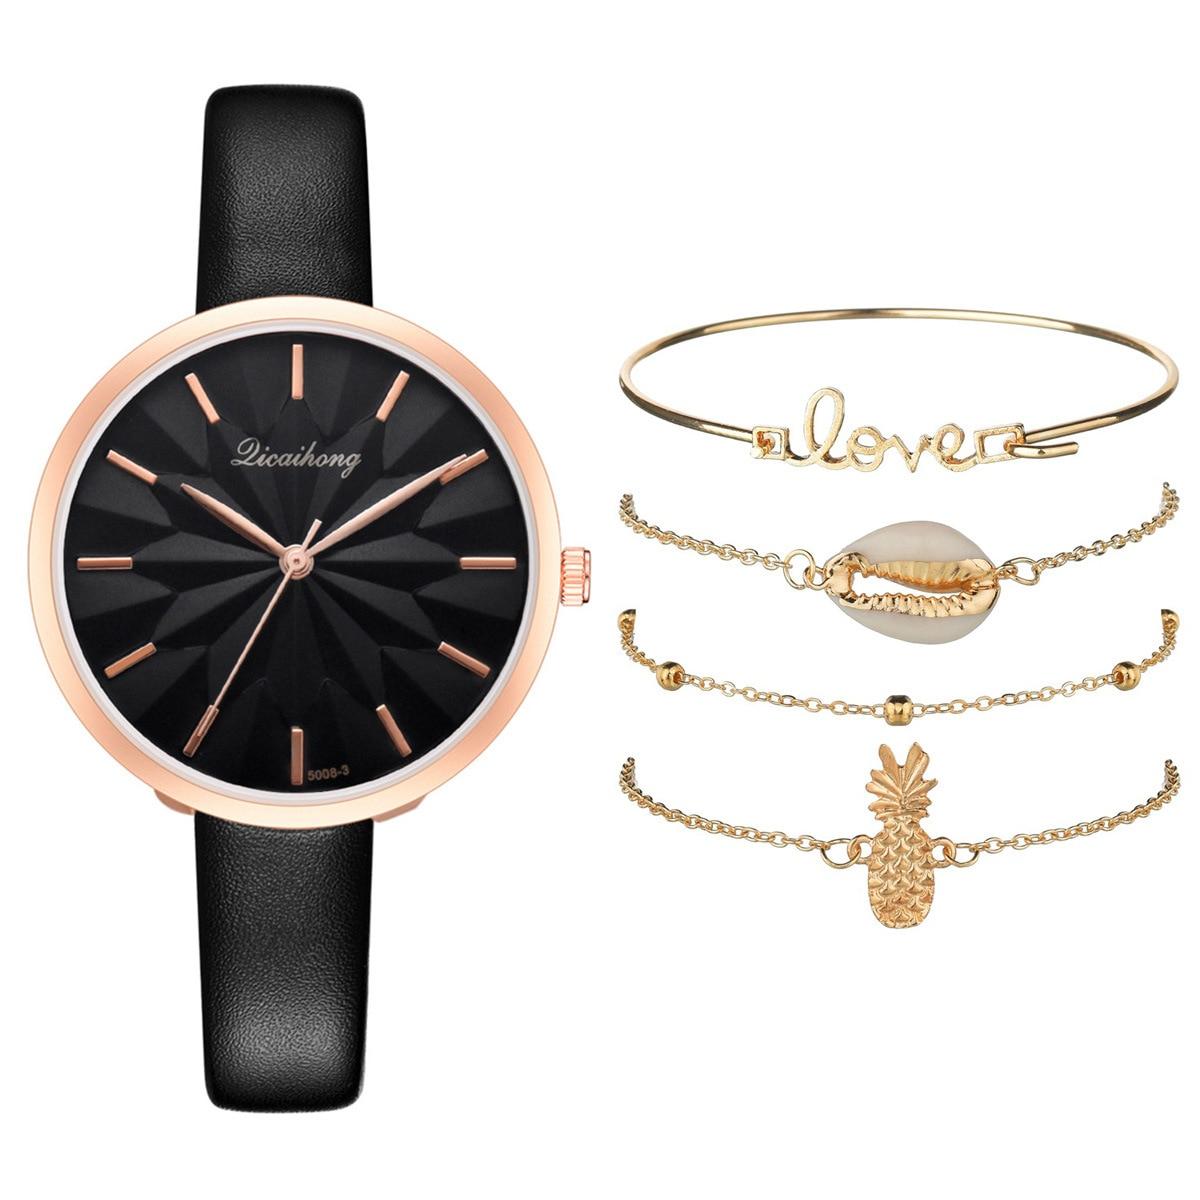 5pcs Suit 2020 Fashion Ladies Watch Set Personality Love Bracelets For Women Clock Luxury Dress Quartz Wrist Watches For Women enlarge